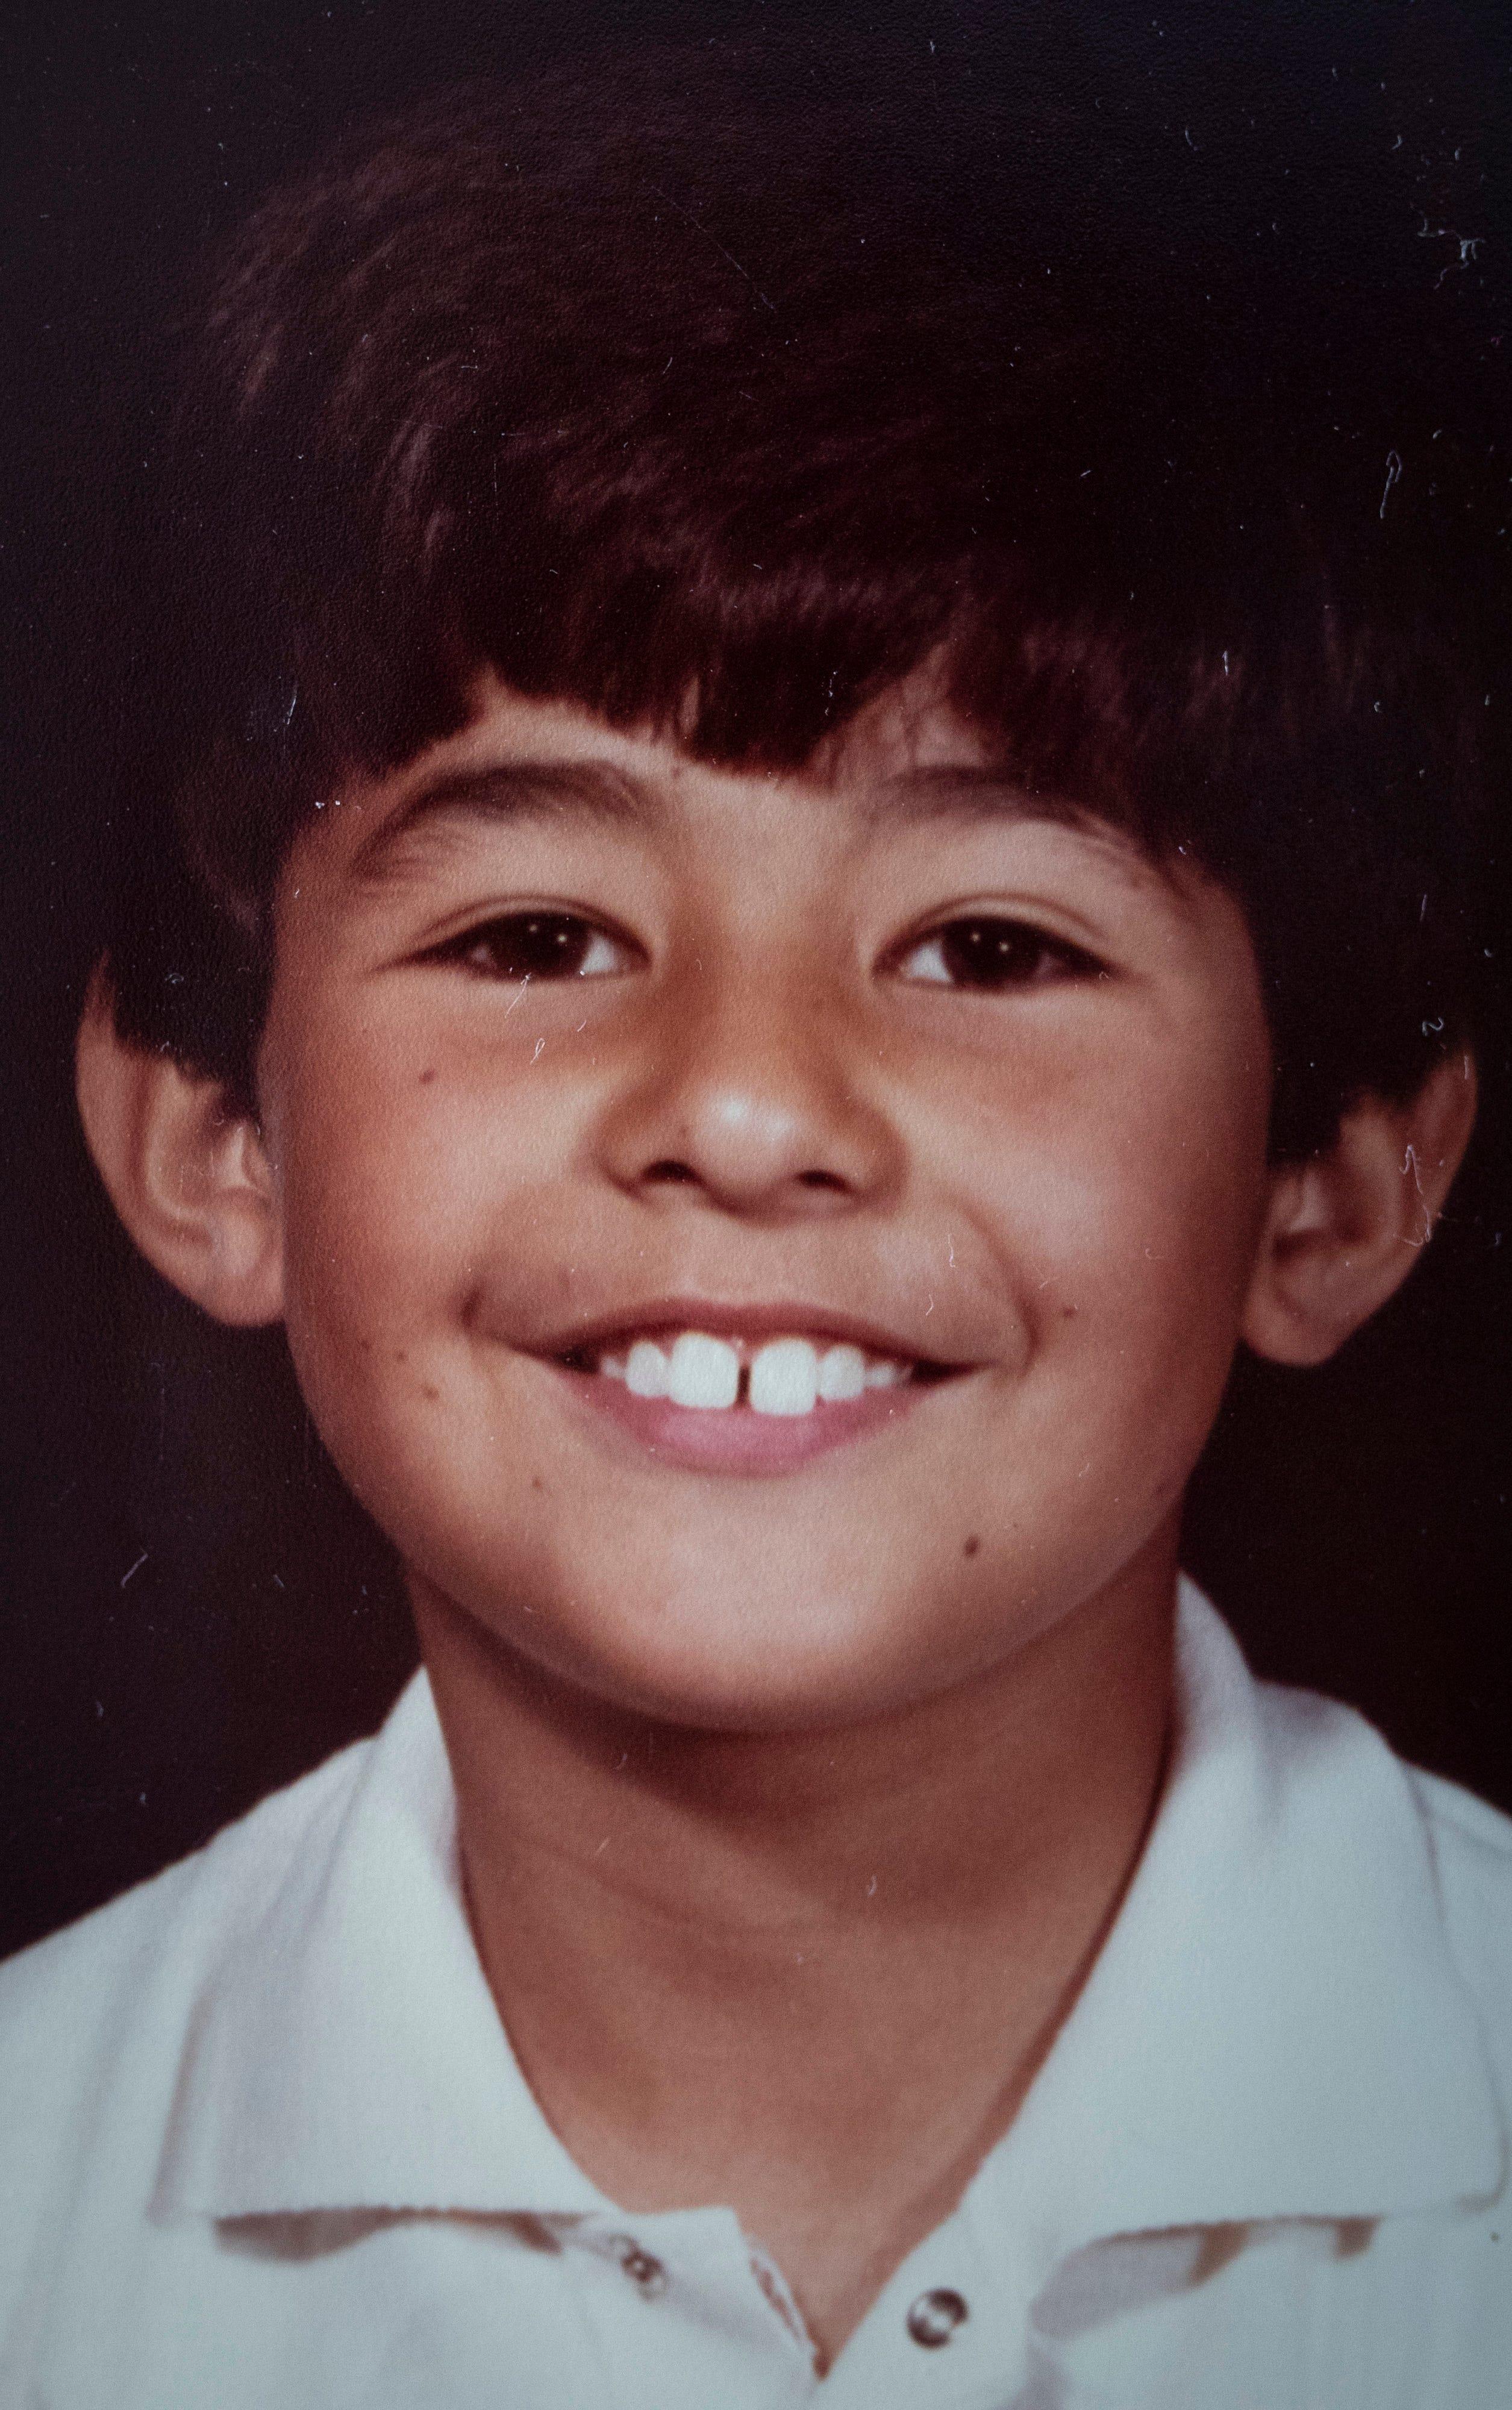 A family photograph of Oscar Macias at age 6.